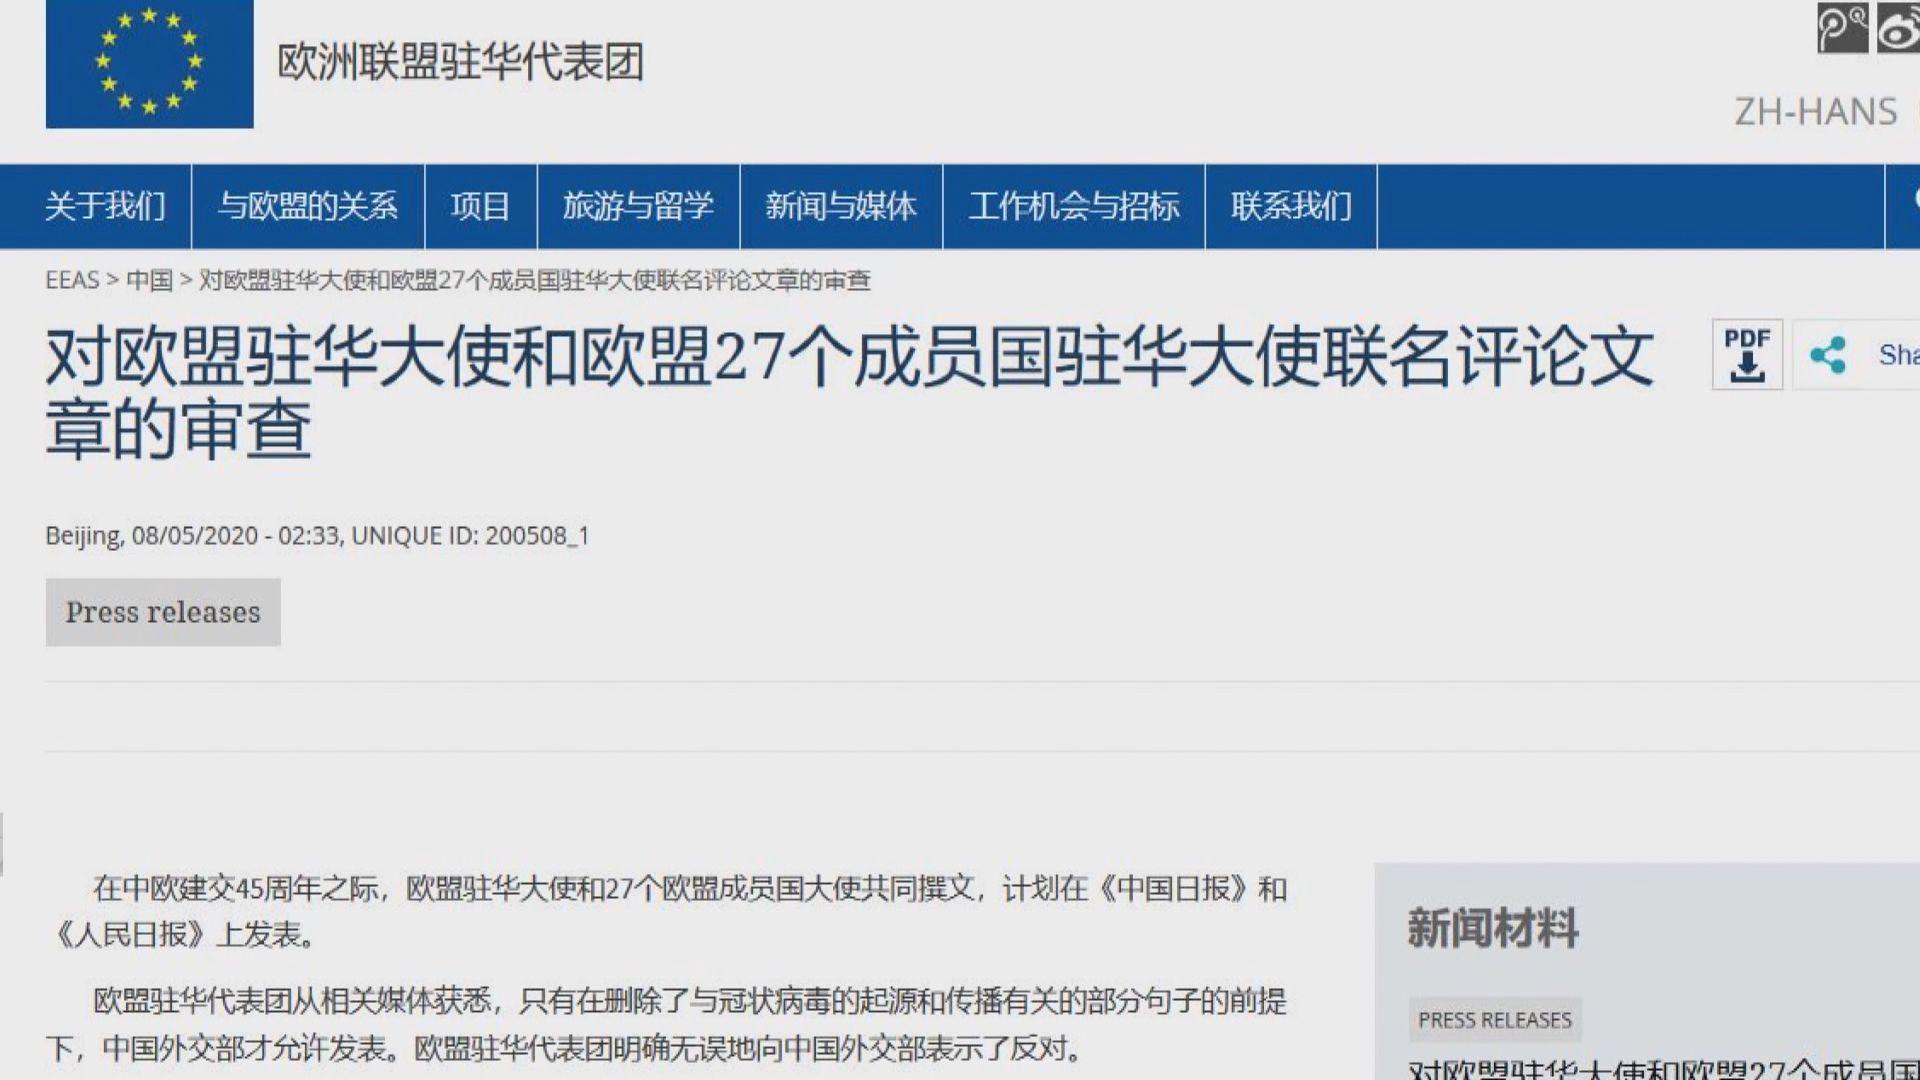 遭北京施壓刪病毒起源字句 歐盟承認做法有錯